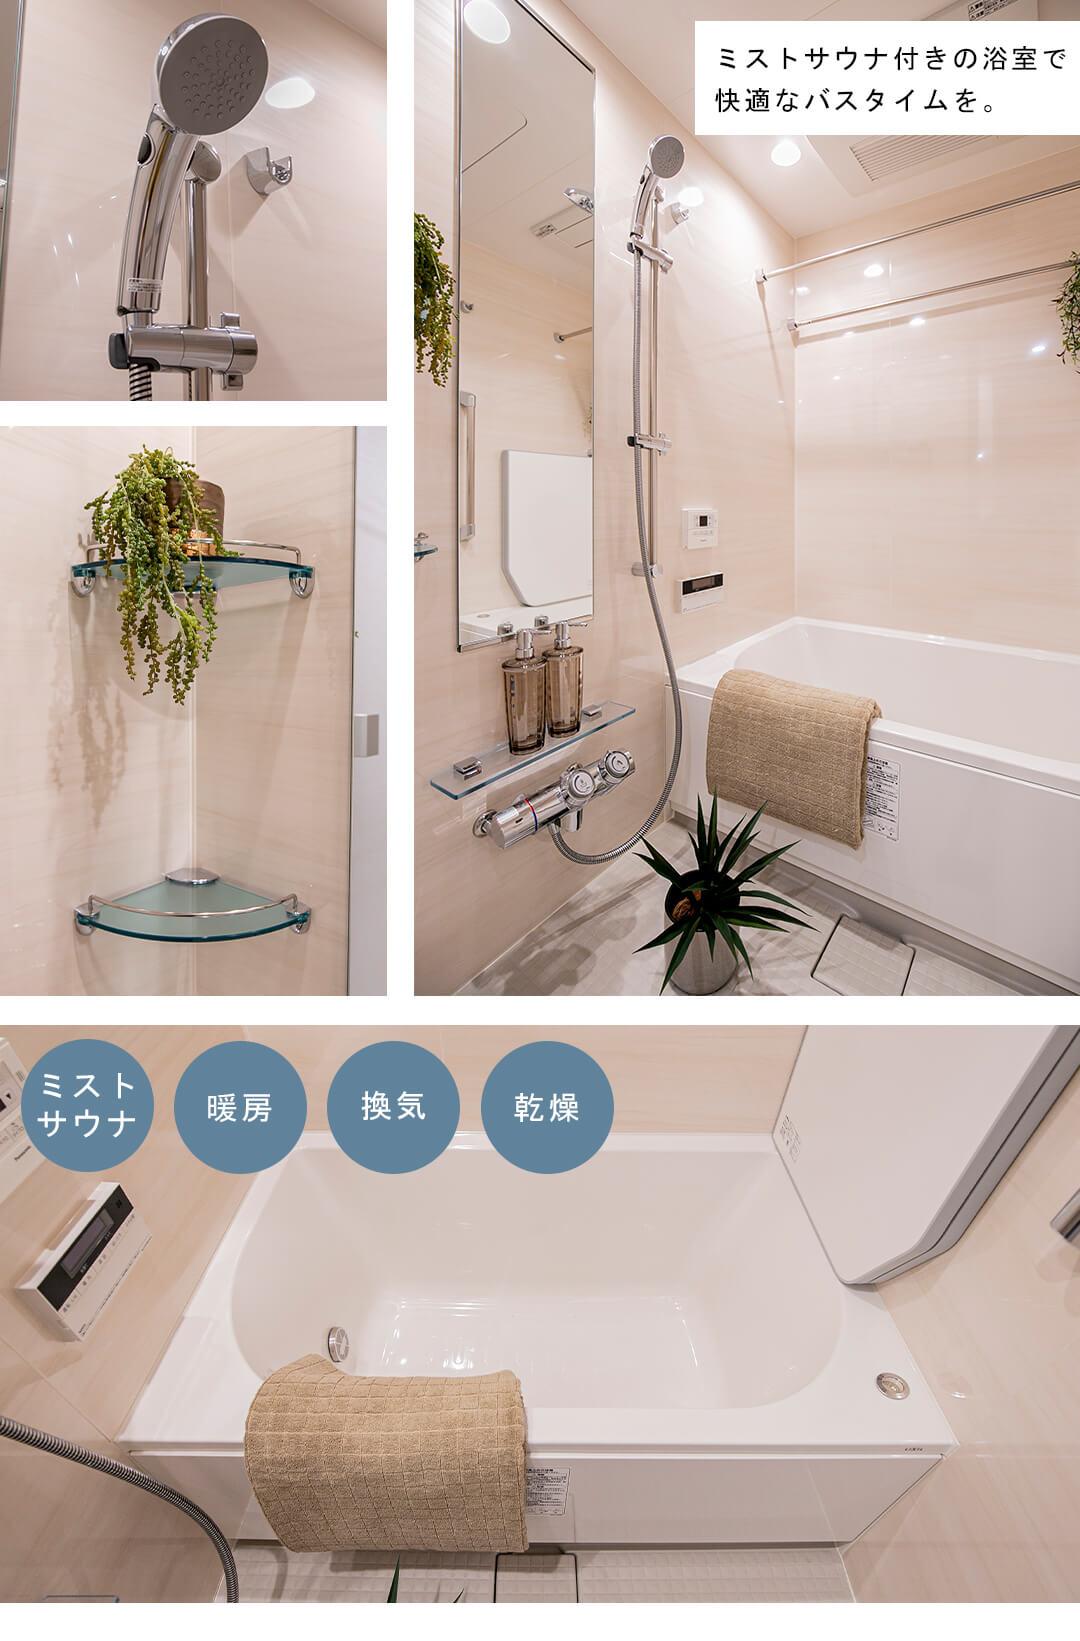 ザ・パークハウスアーバンス渋谷の浴室